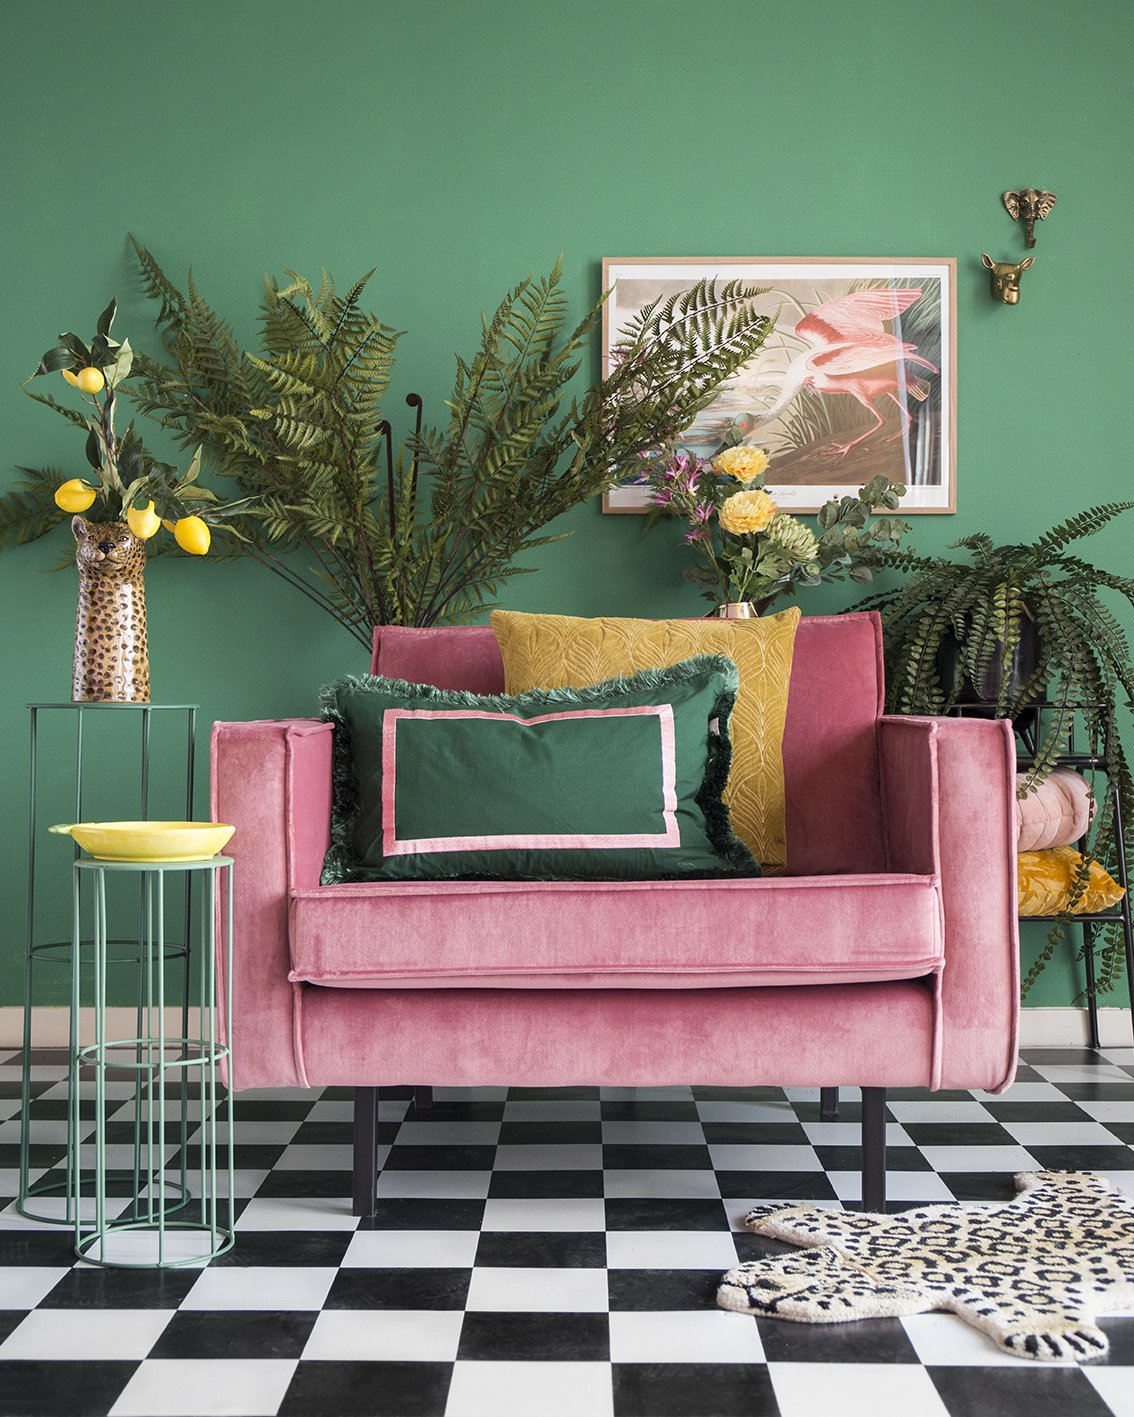 velvet-fauteuil-roze